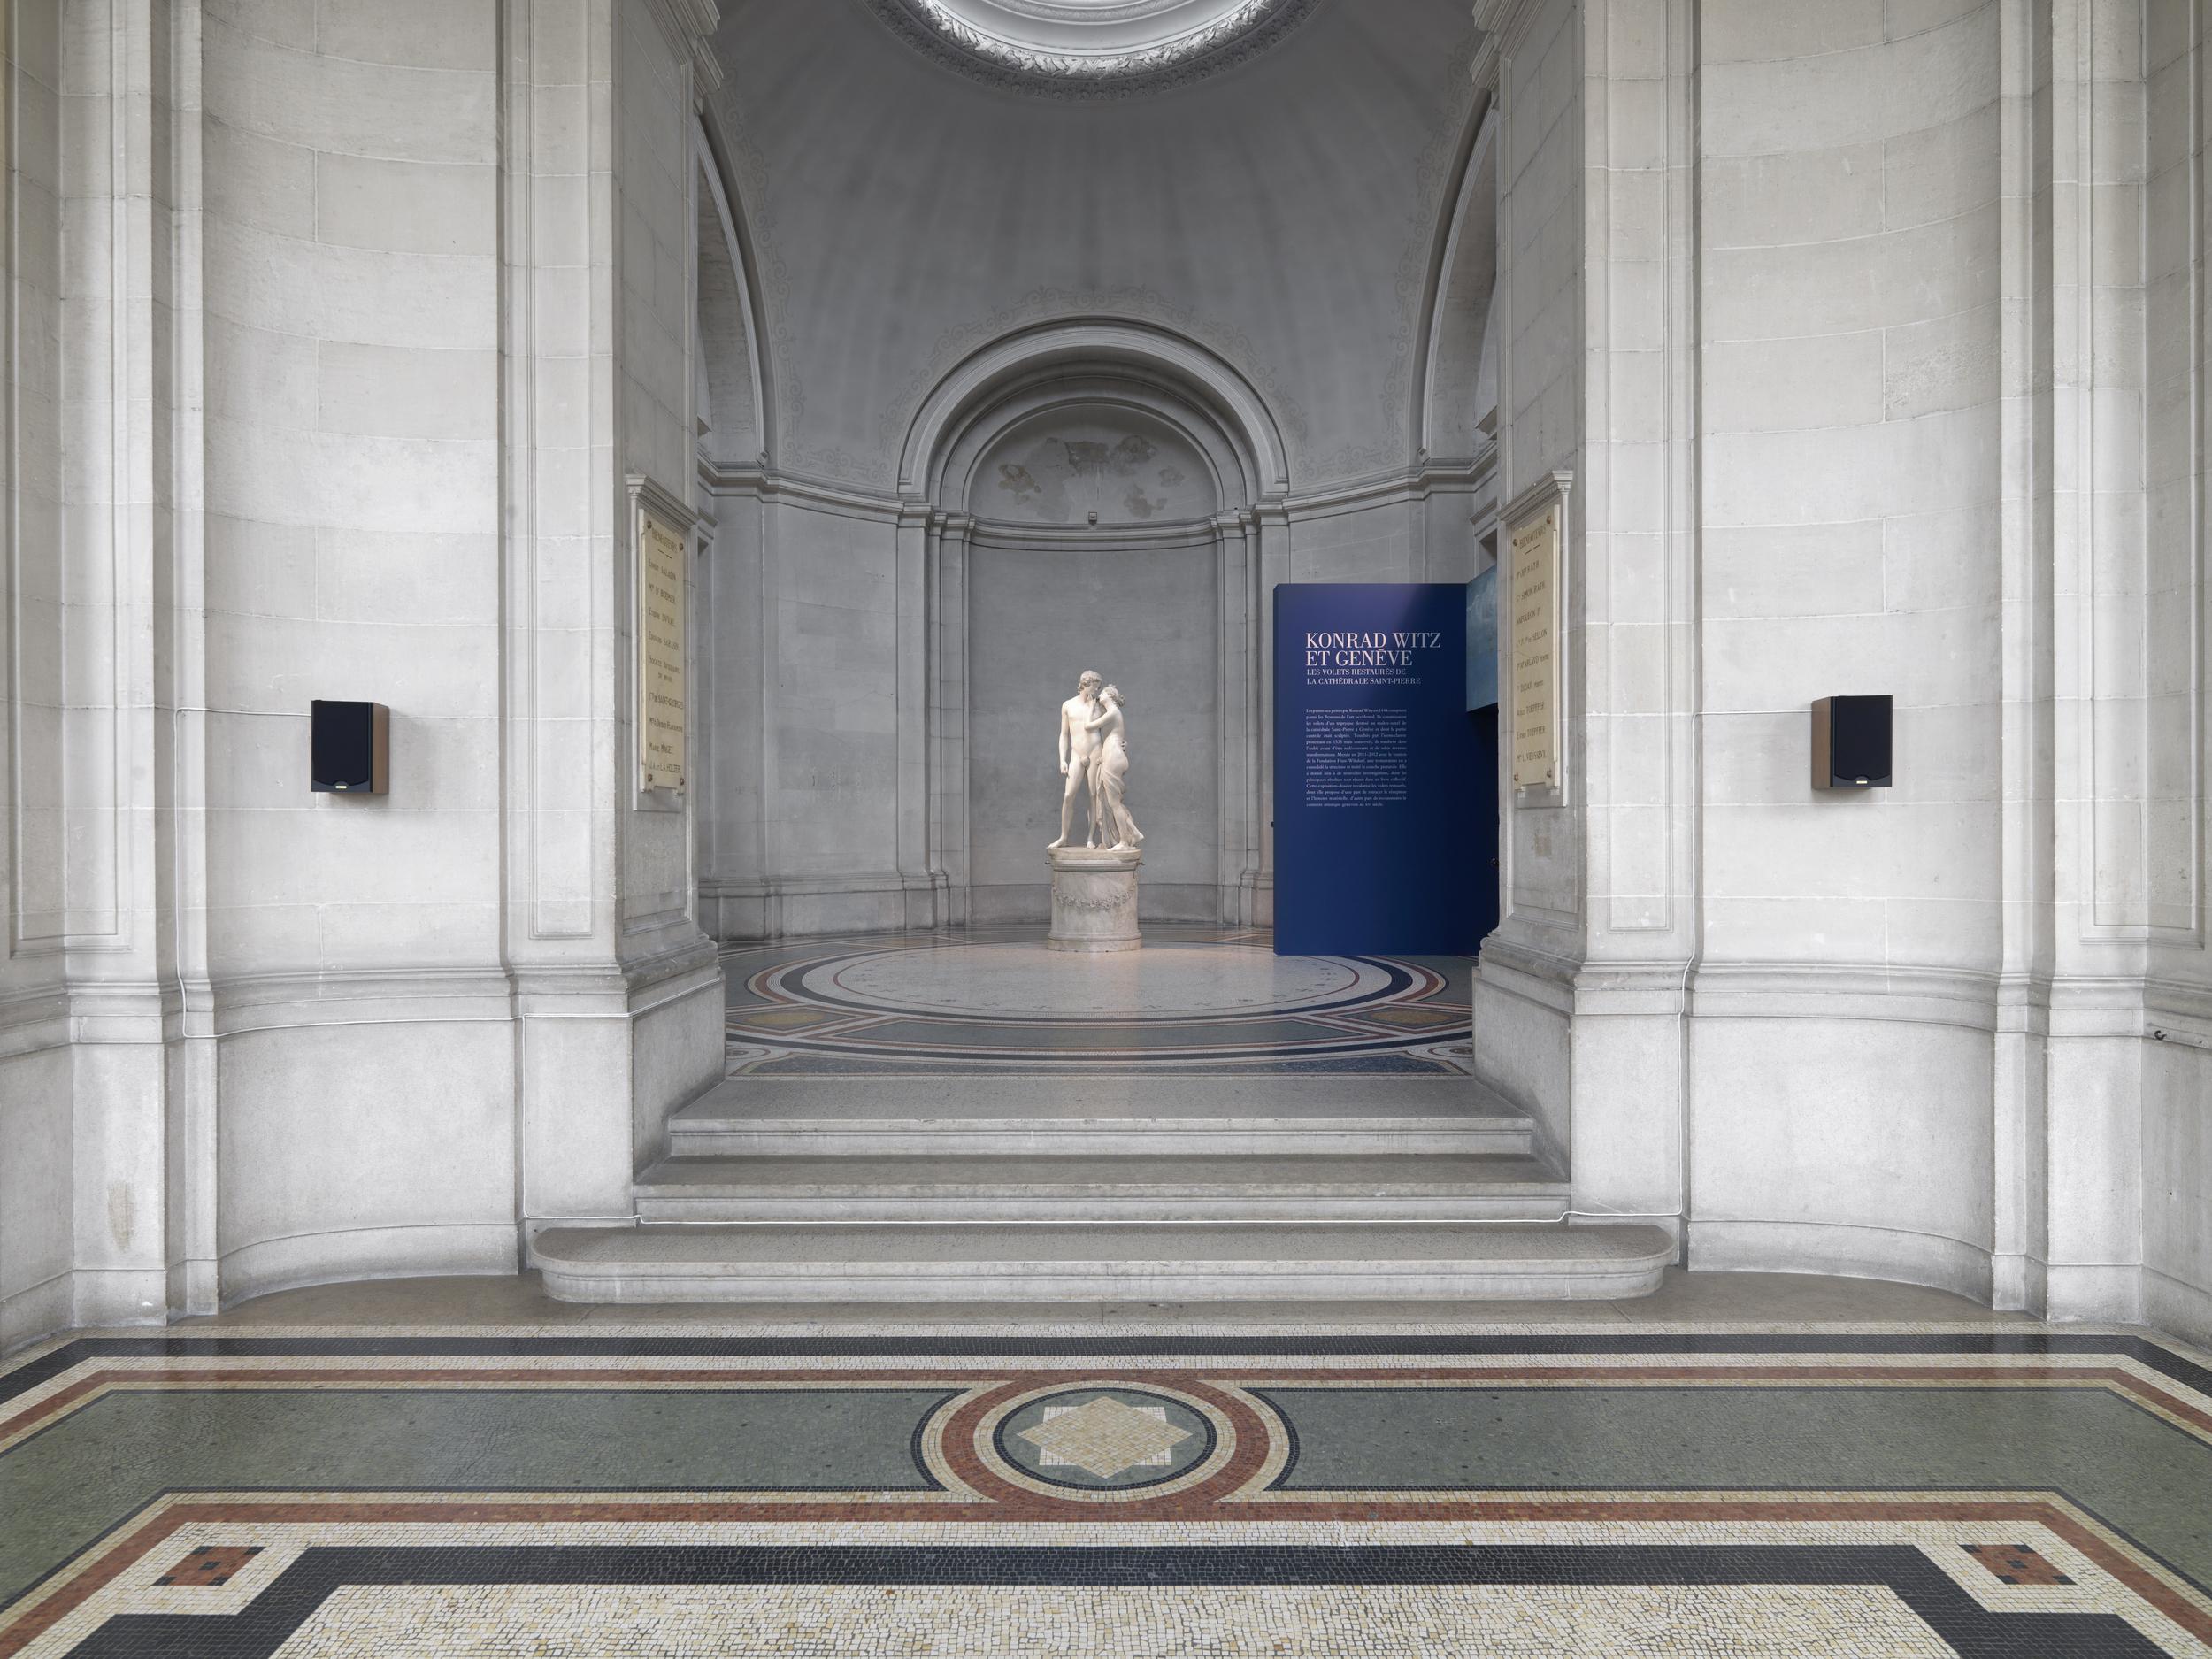 Copie de Musée d'art et d'histoire, Geneva | L'Œuvre d'art de l'avenir  | 2014